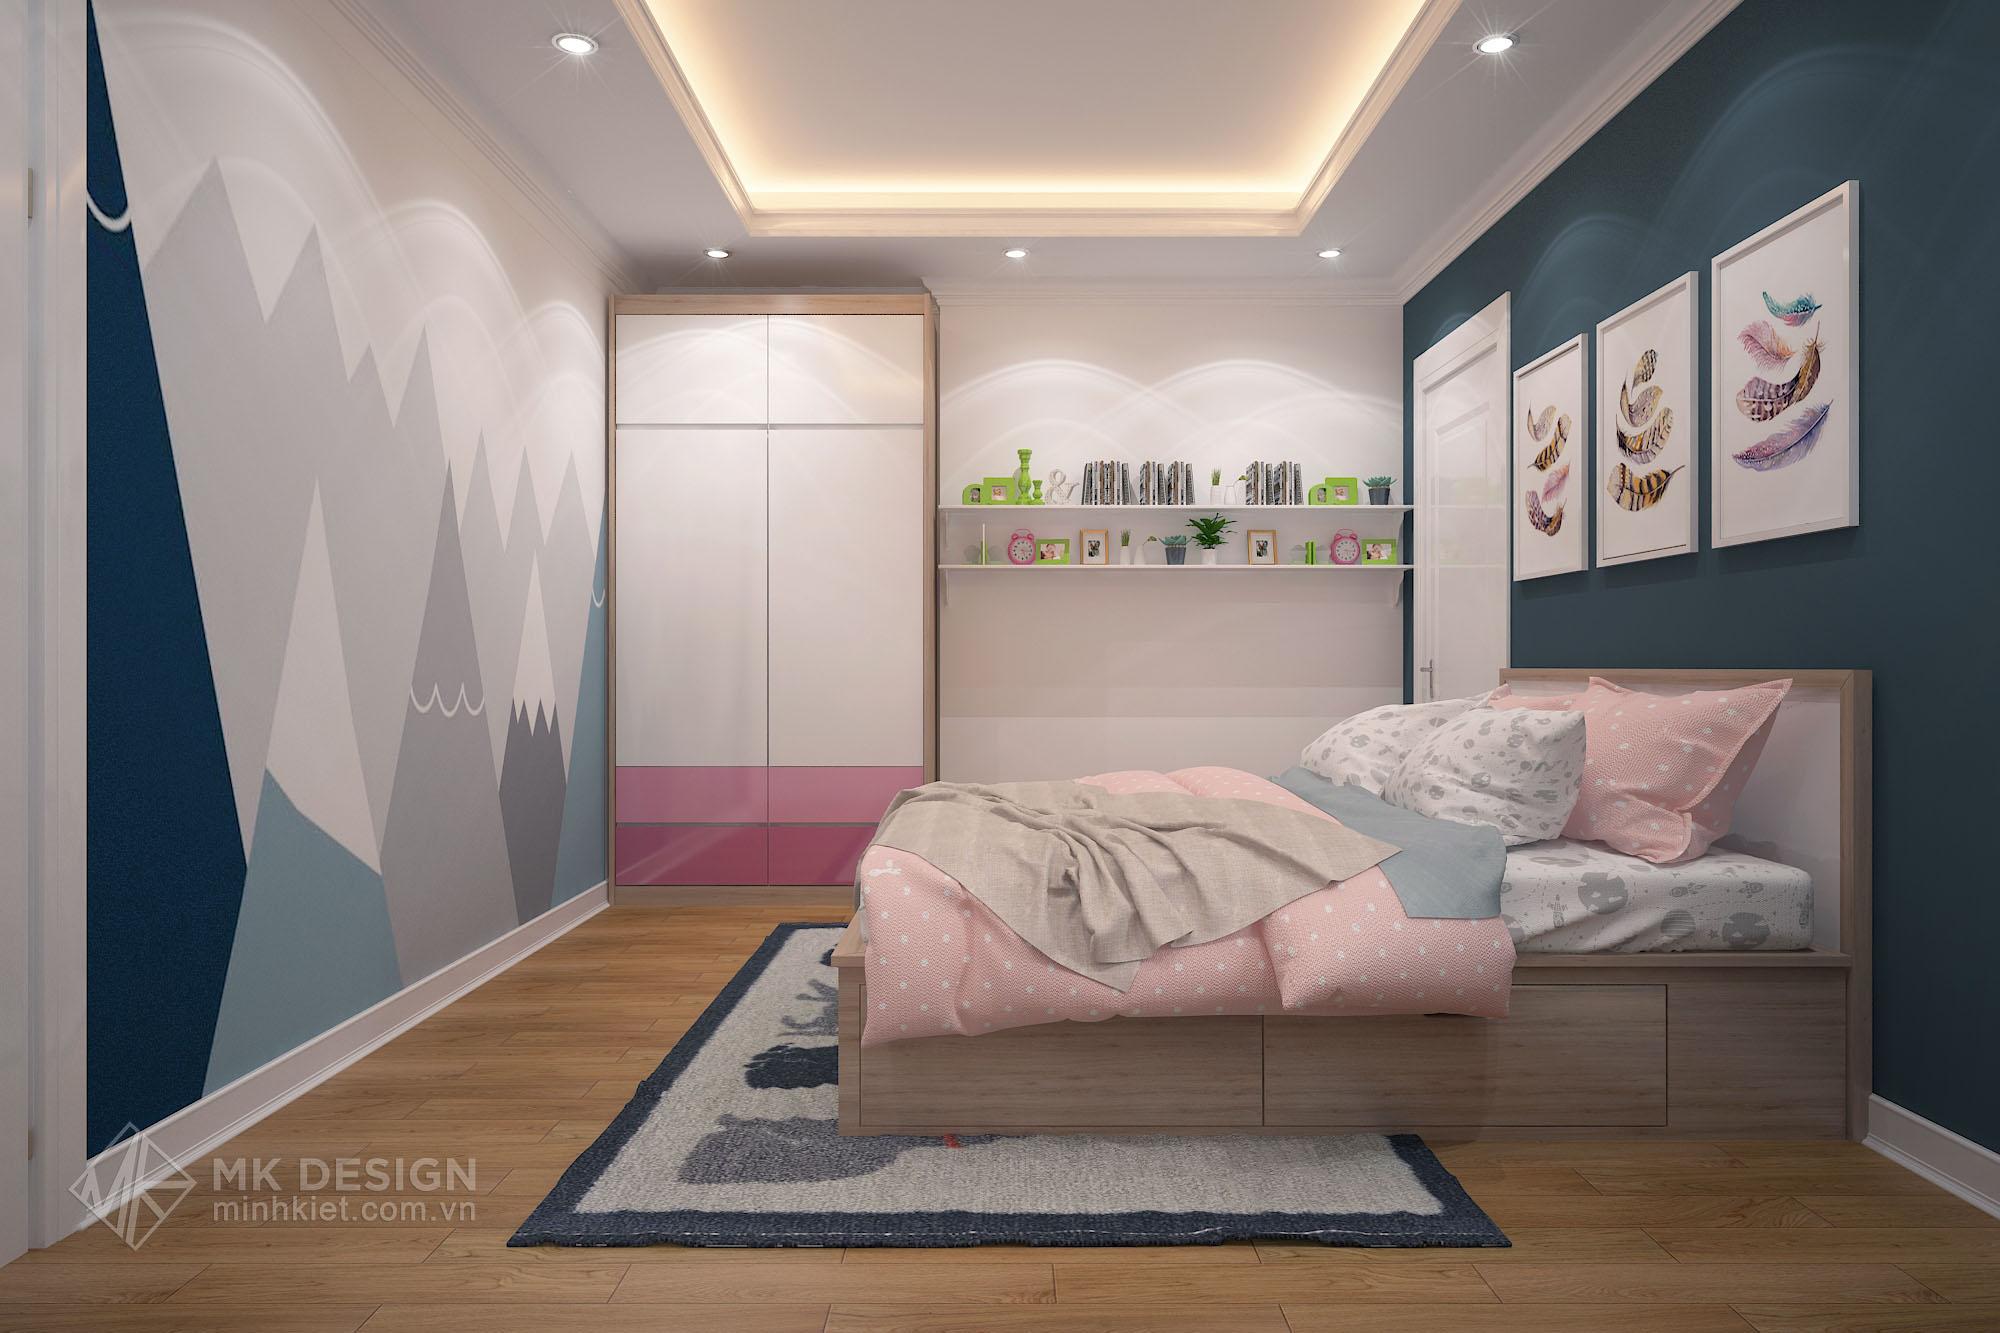 thiết kế nội thất chung cư Hoàng Cầu-07